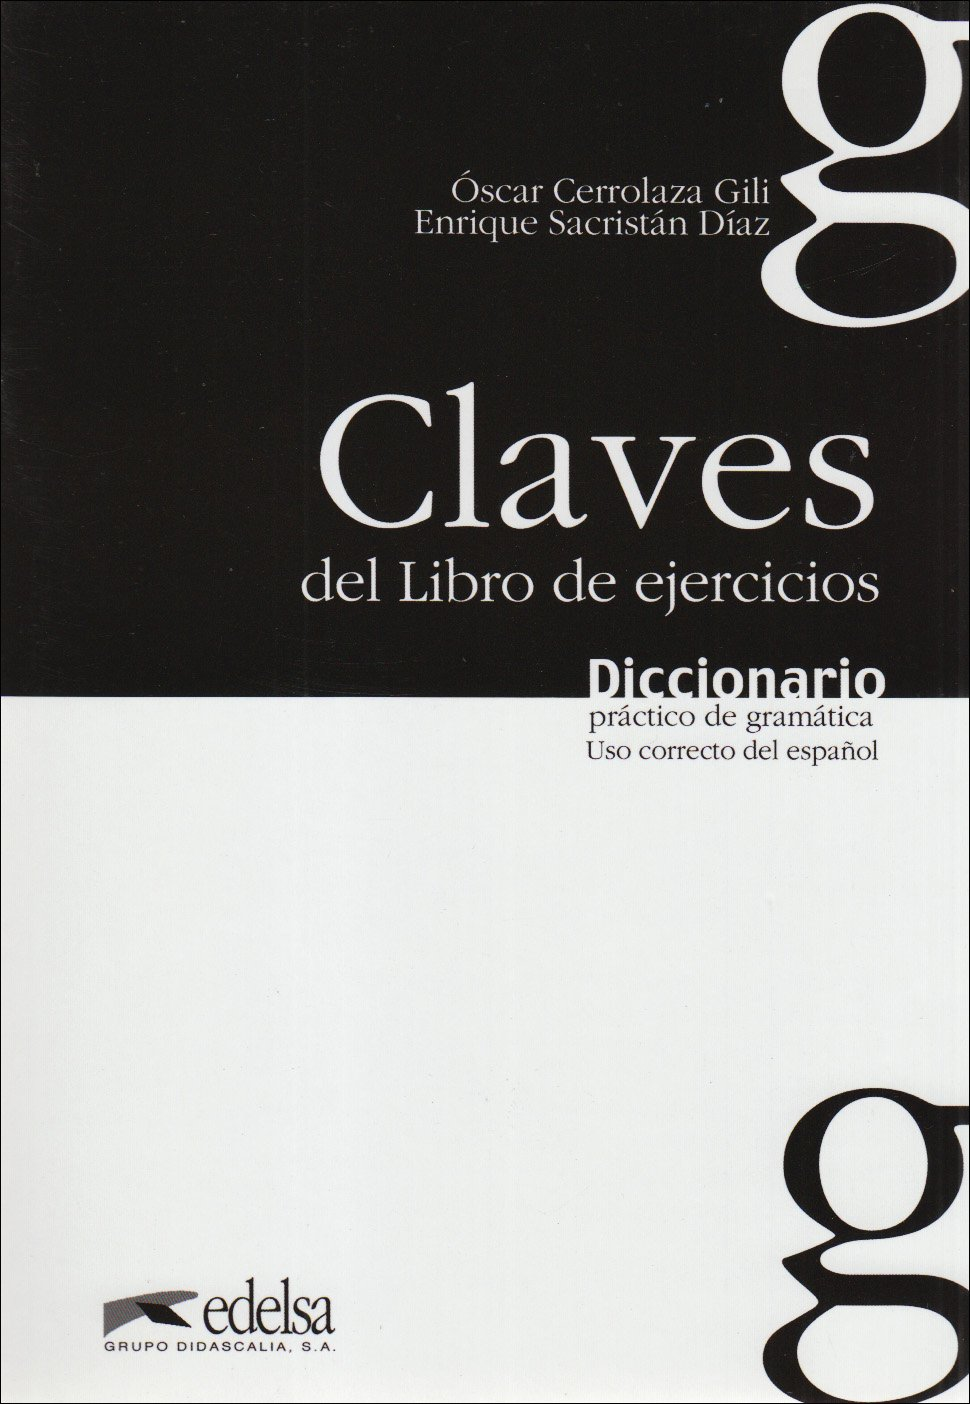 Diccionario práctico de gramática: Claves del Libro de ejercicios: Lösungsschlüssel zum Übungsbuch